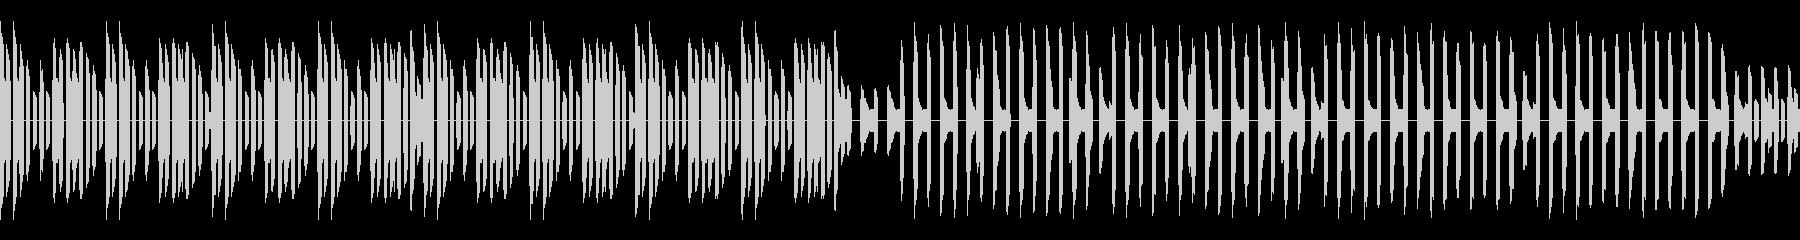 熱血ヒーロー的なレトロゲーム風サビが前の未再生の波形